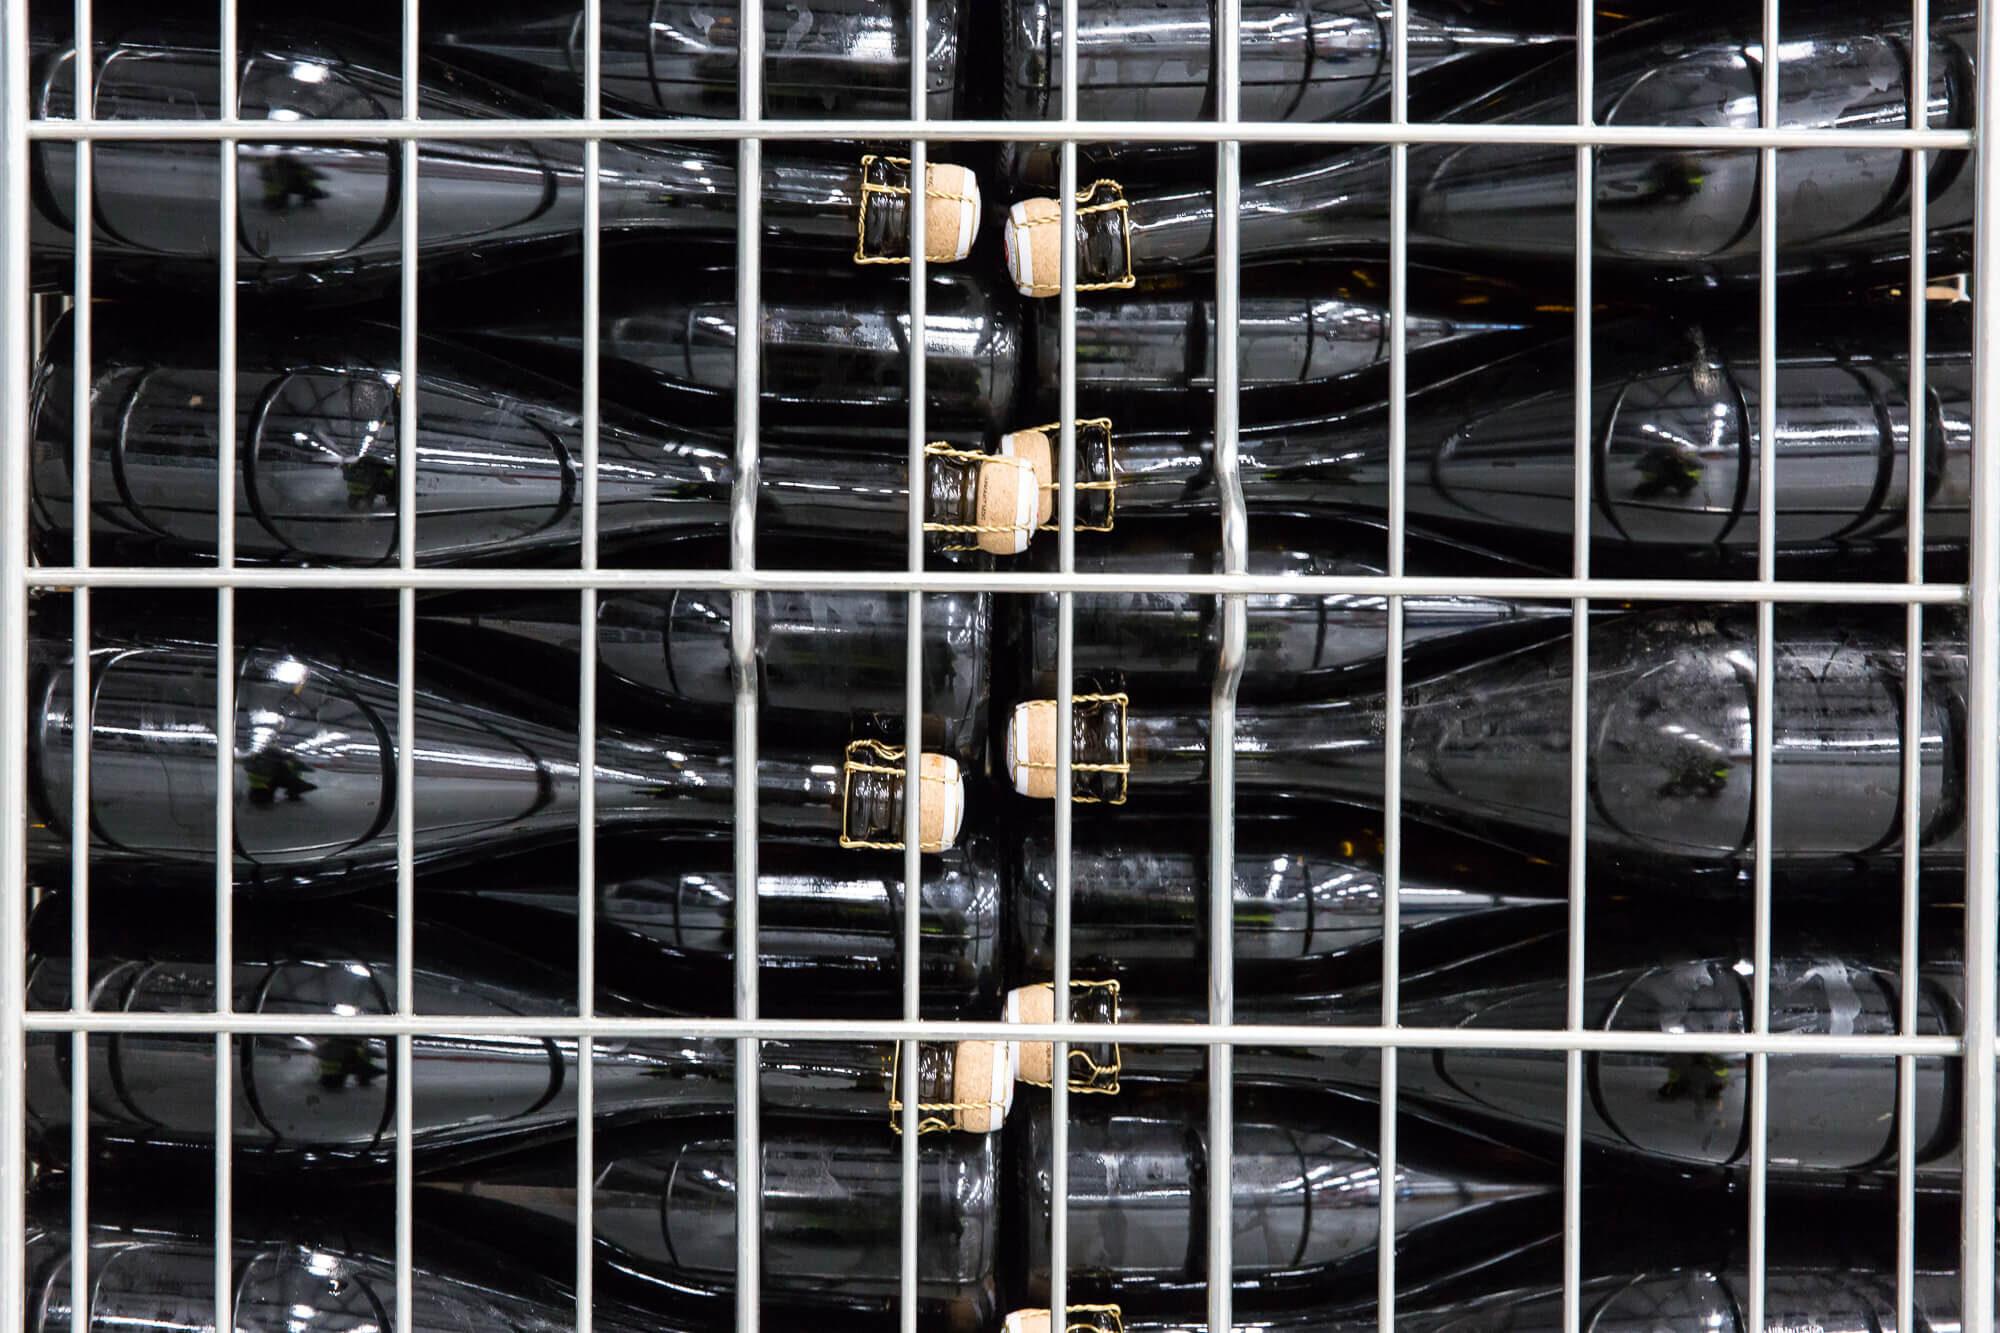 Caged Bottles